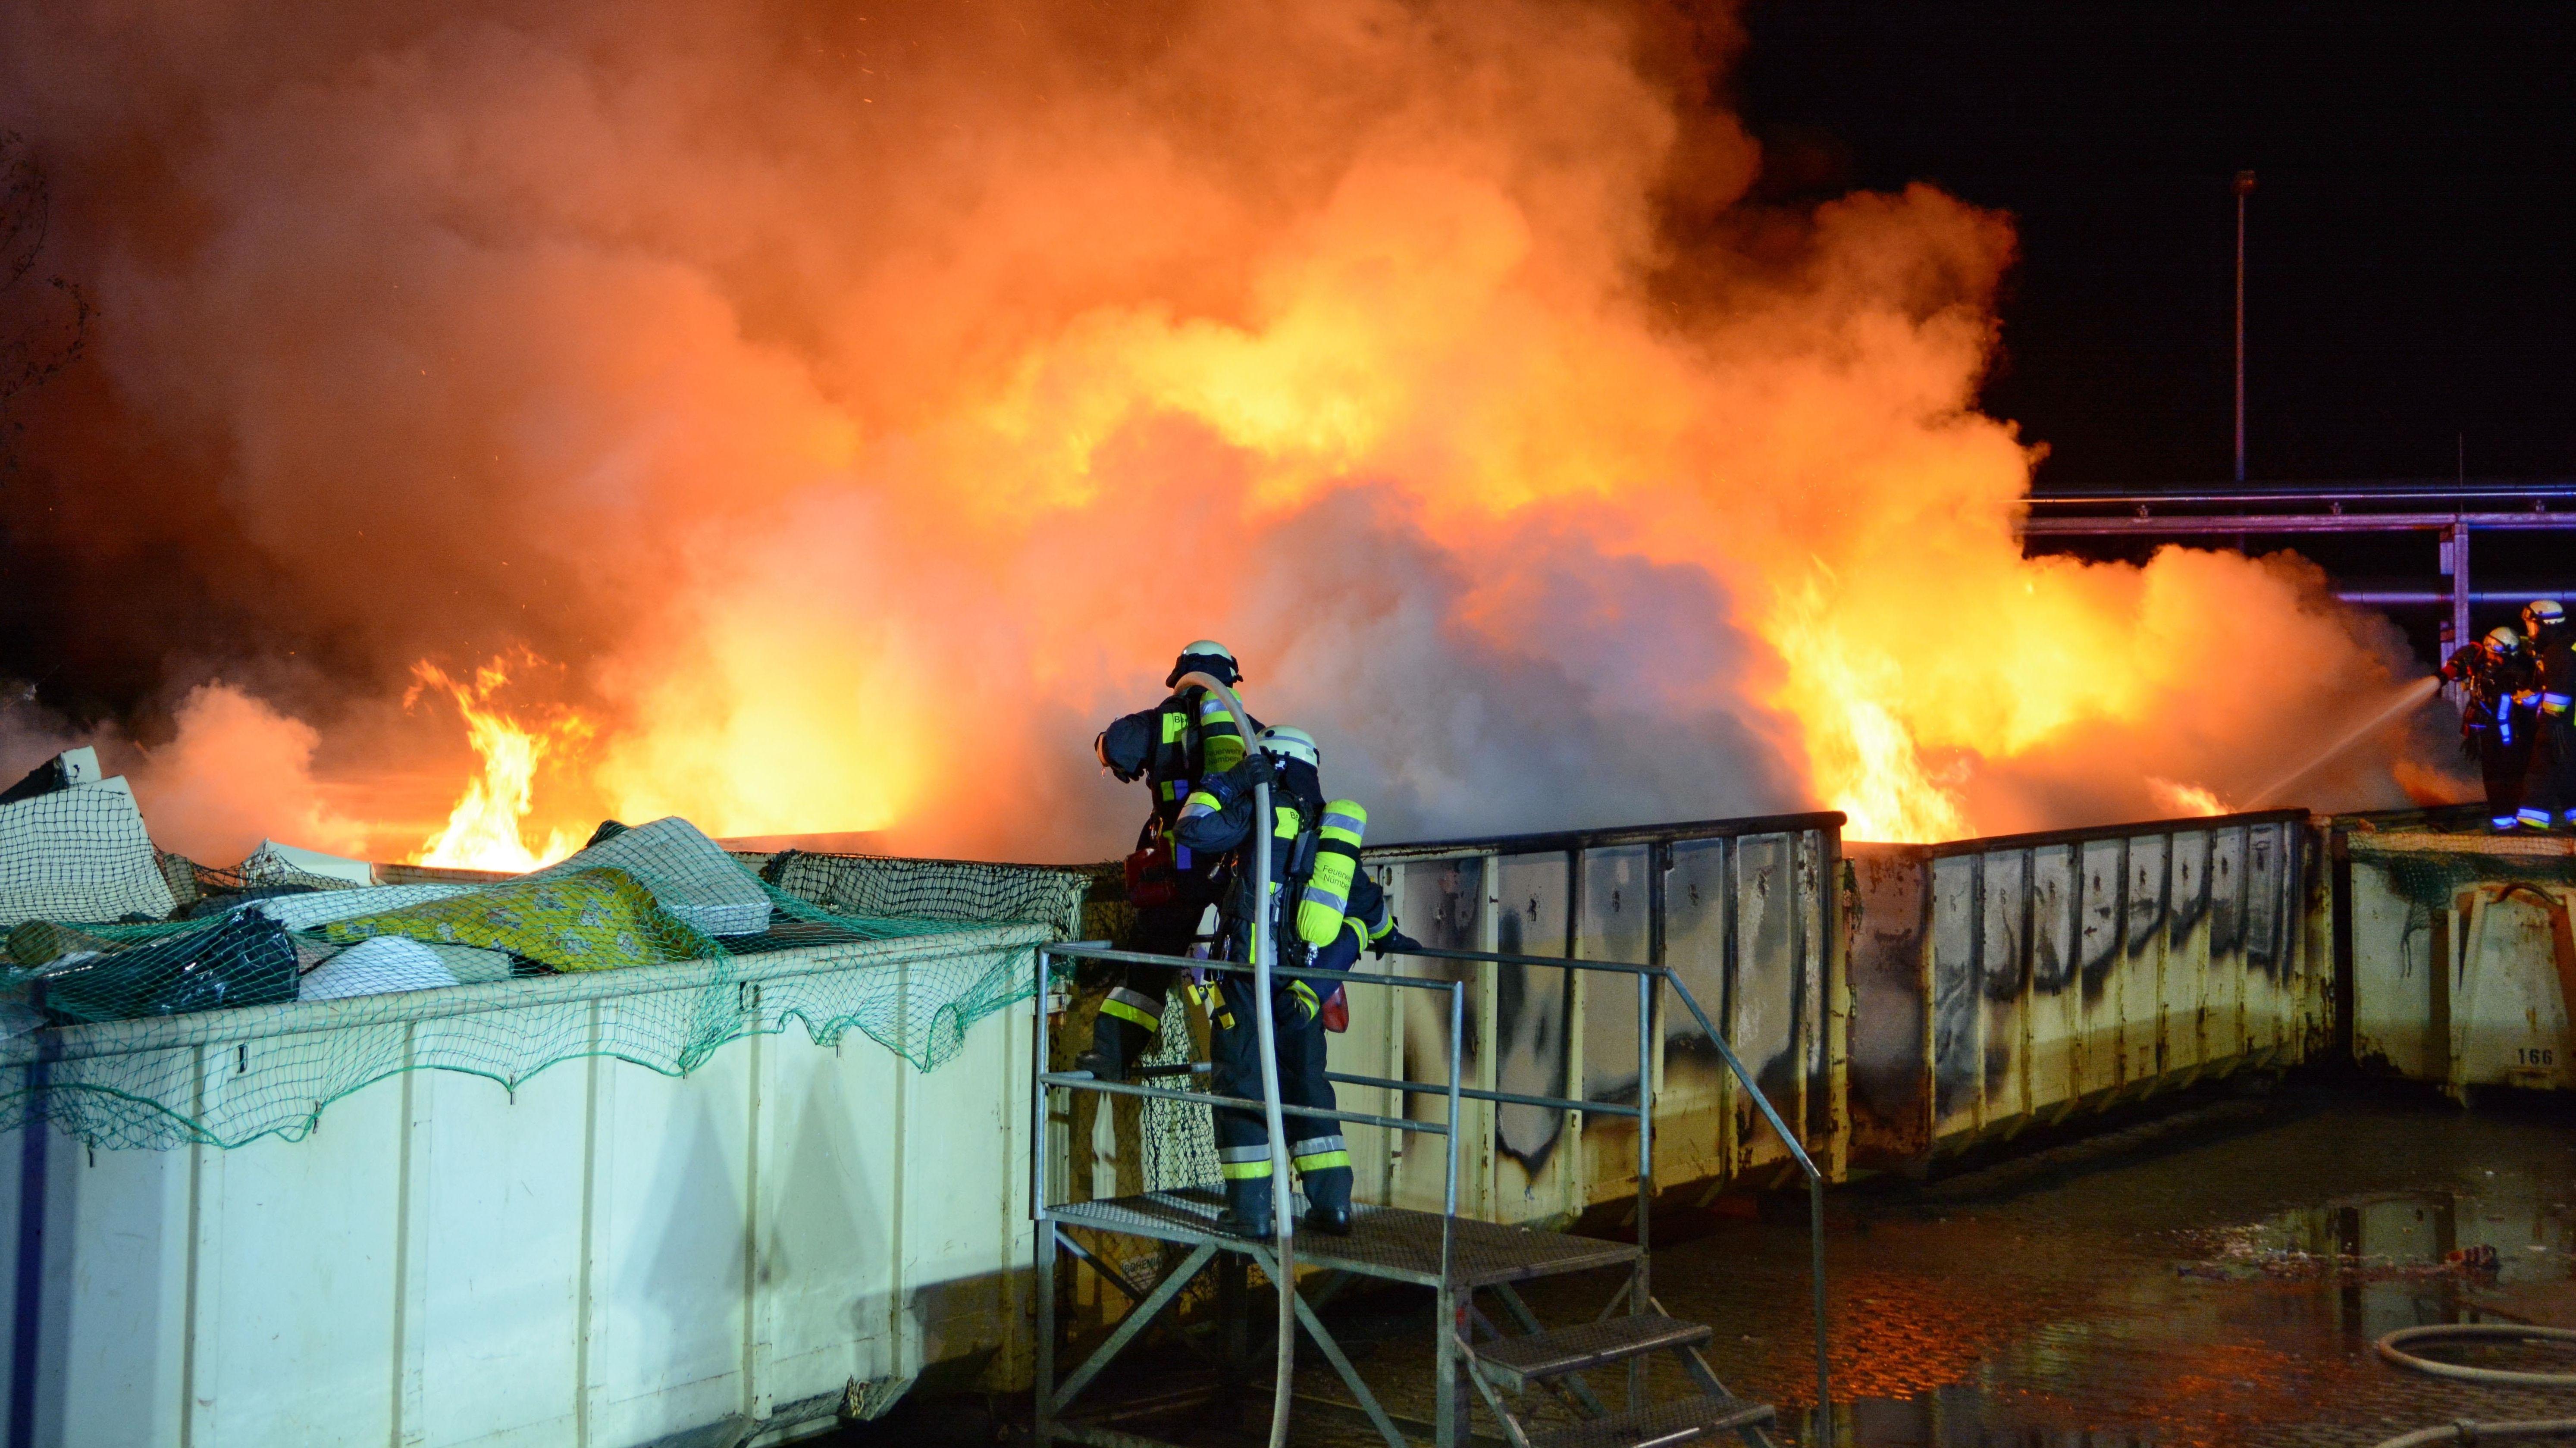 Archiv: Feuerwehrleute löschen Brand in einem Recyclinghof in Nürnberg